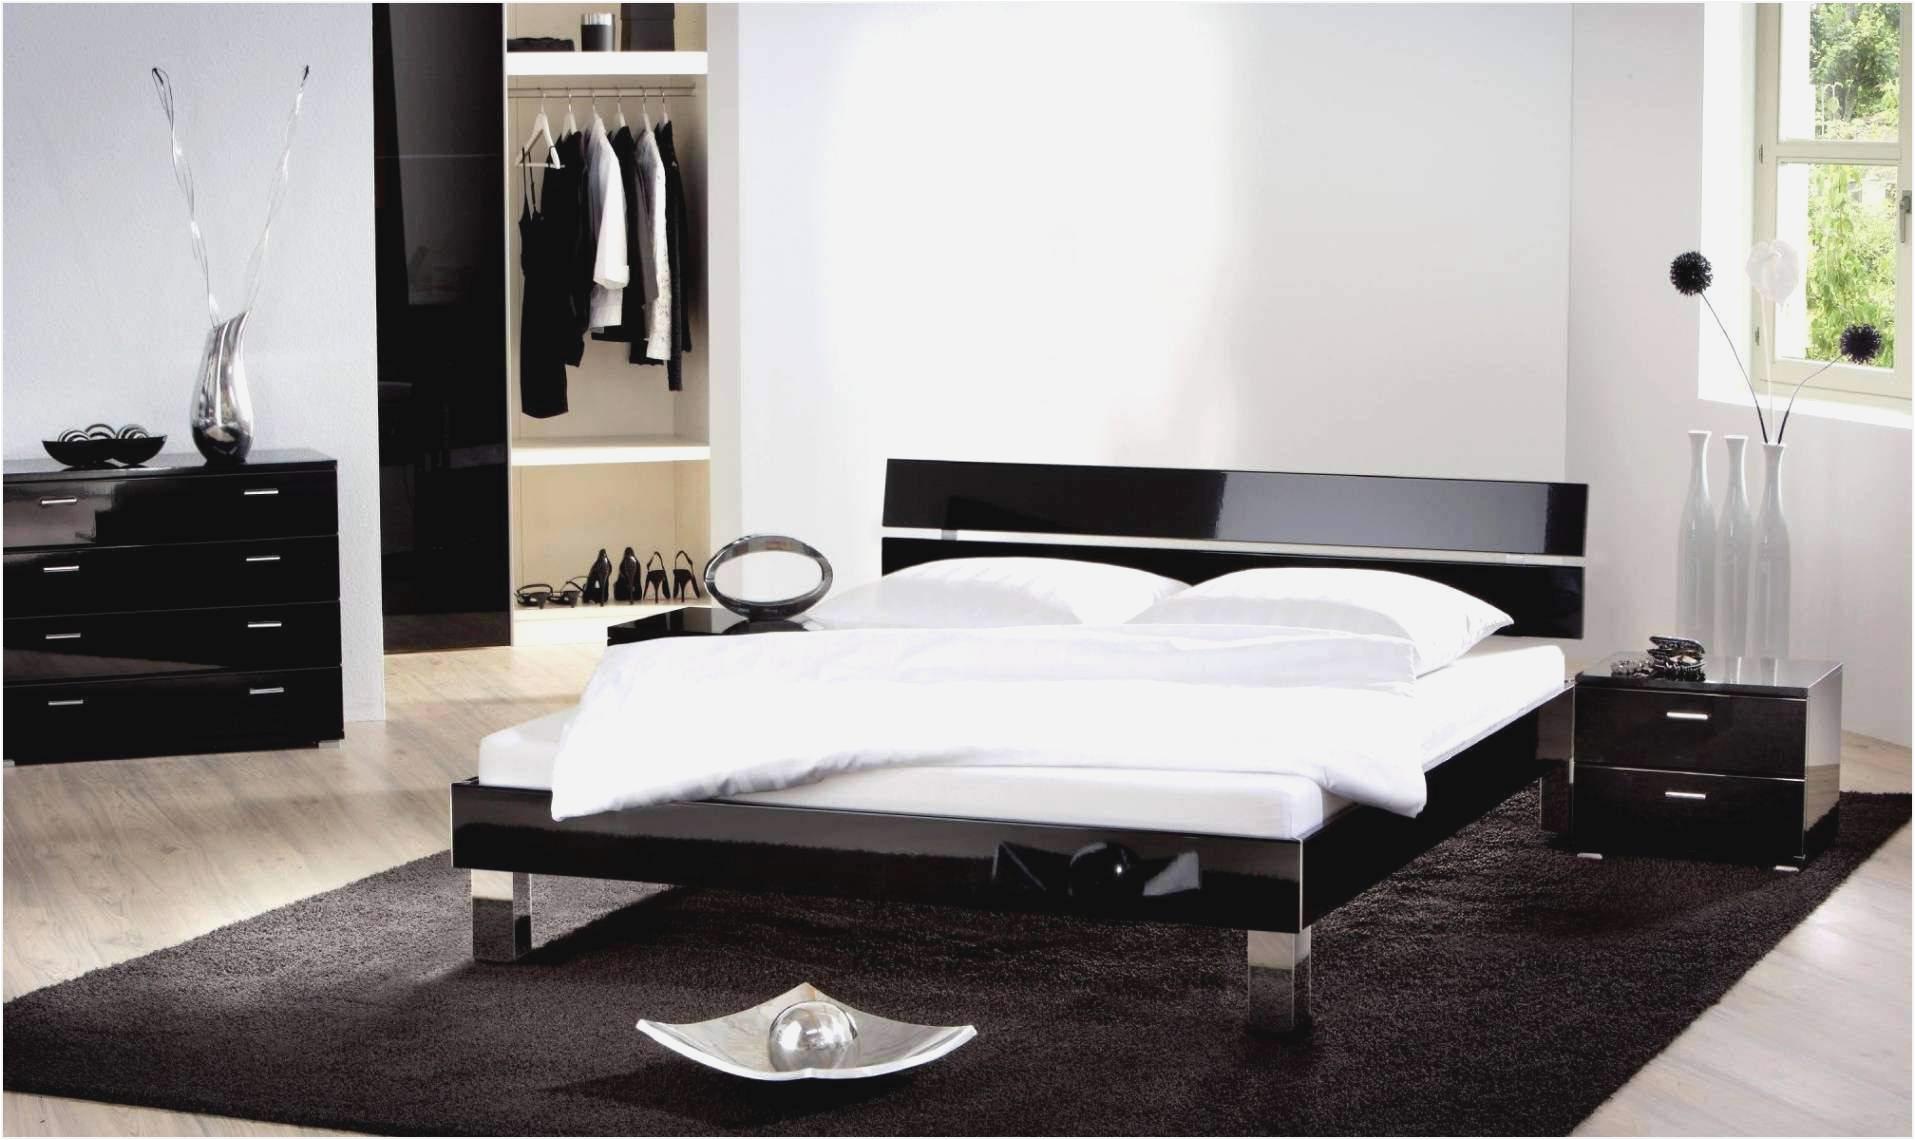 Diy Schlafzimmer Ideen Deko Ideen Schlafzimmer Diy Dekorationsideen Traumhaus